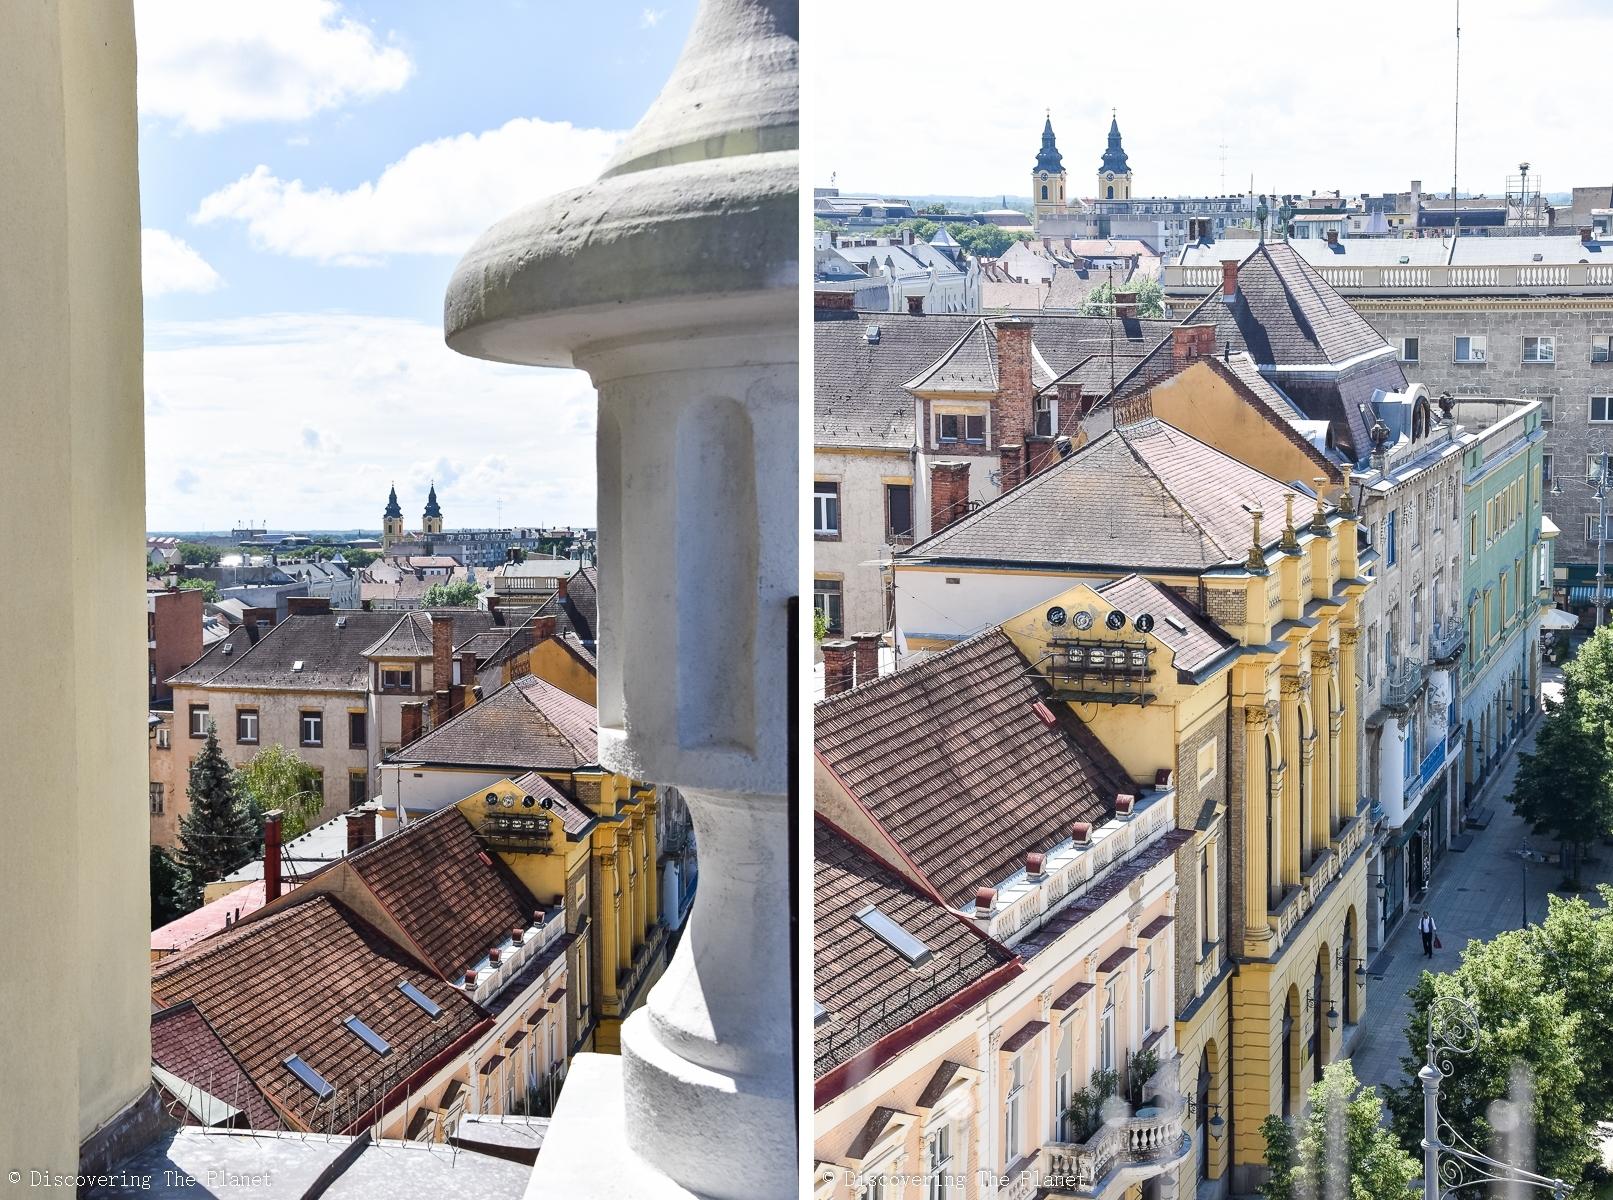 Ungern, Debrecen (16)